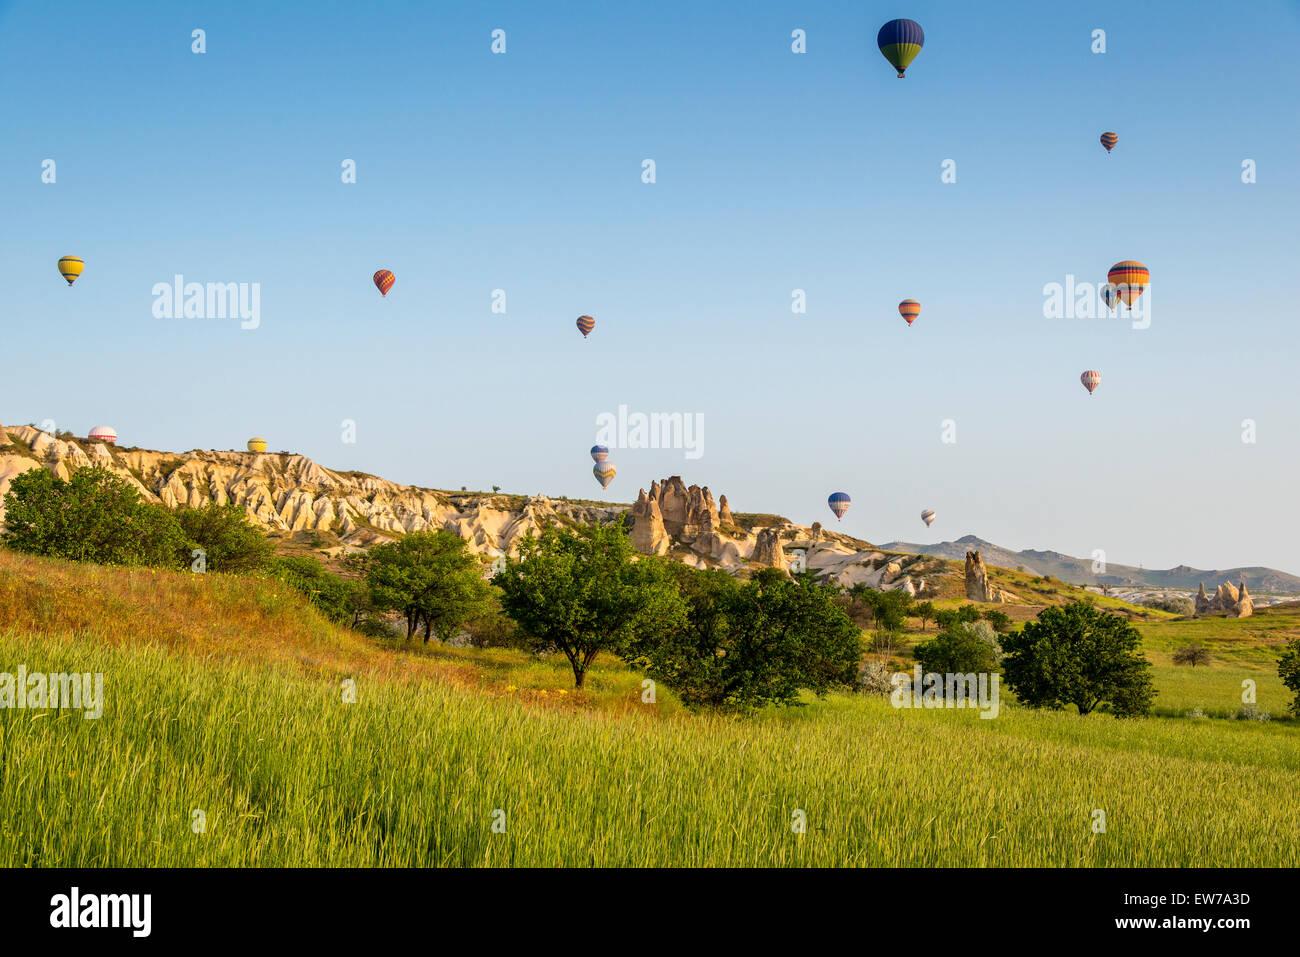 Pintoresco paisaje con globos aerostáticos, Goreme, Capadocia, Turquía Imagen De Stock